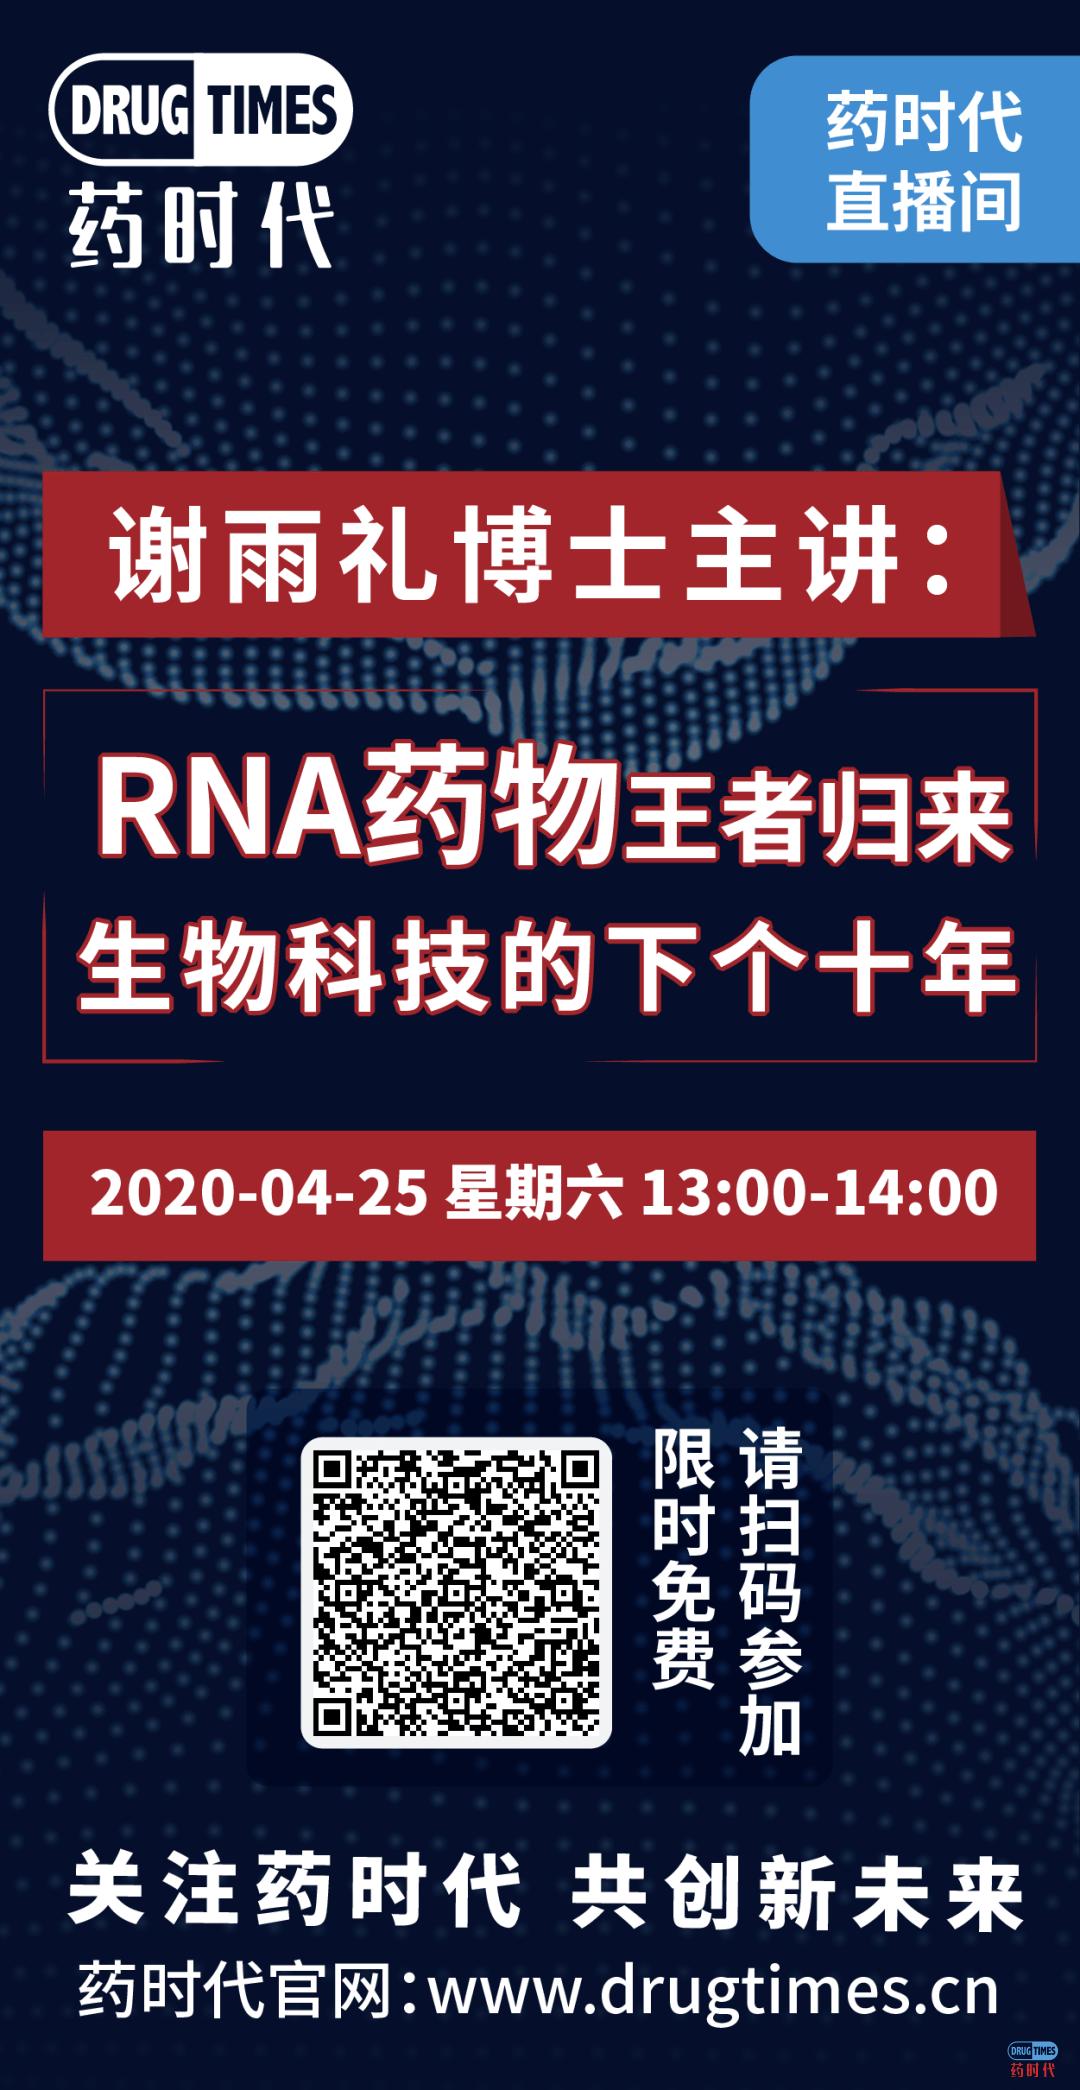 药时代直播间33期 | 谢雨礼博士:RNA药物王者归来——生物科技的下个十年